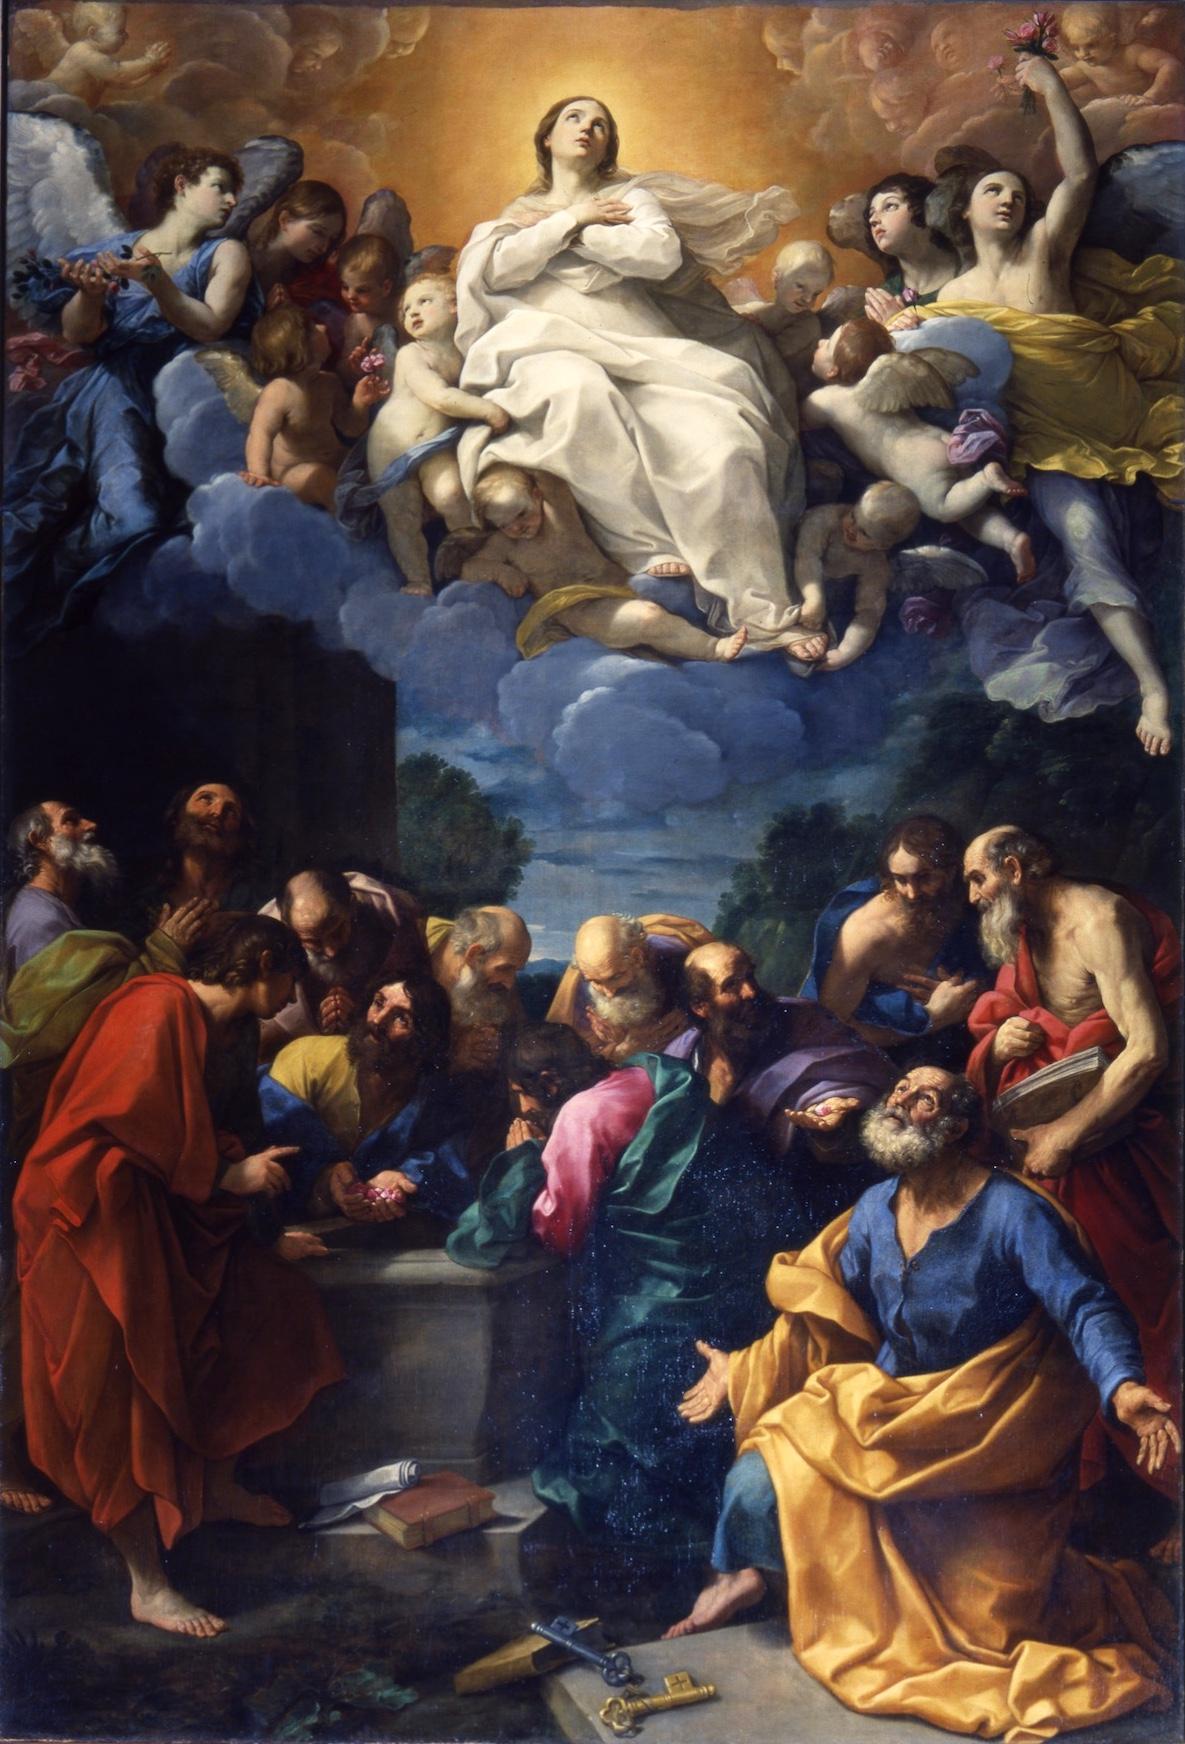 Guido Reni, Assunzione (1616-1617; olio su tela, 442 x 287 cm; Genova, chiesa del Gesù)